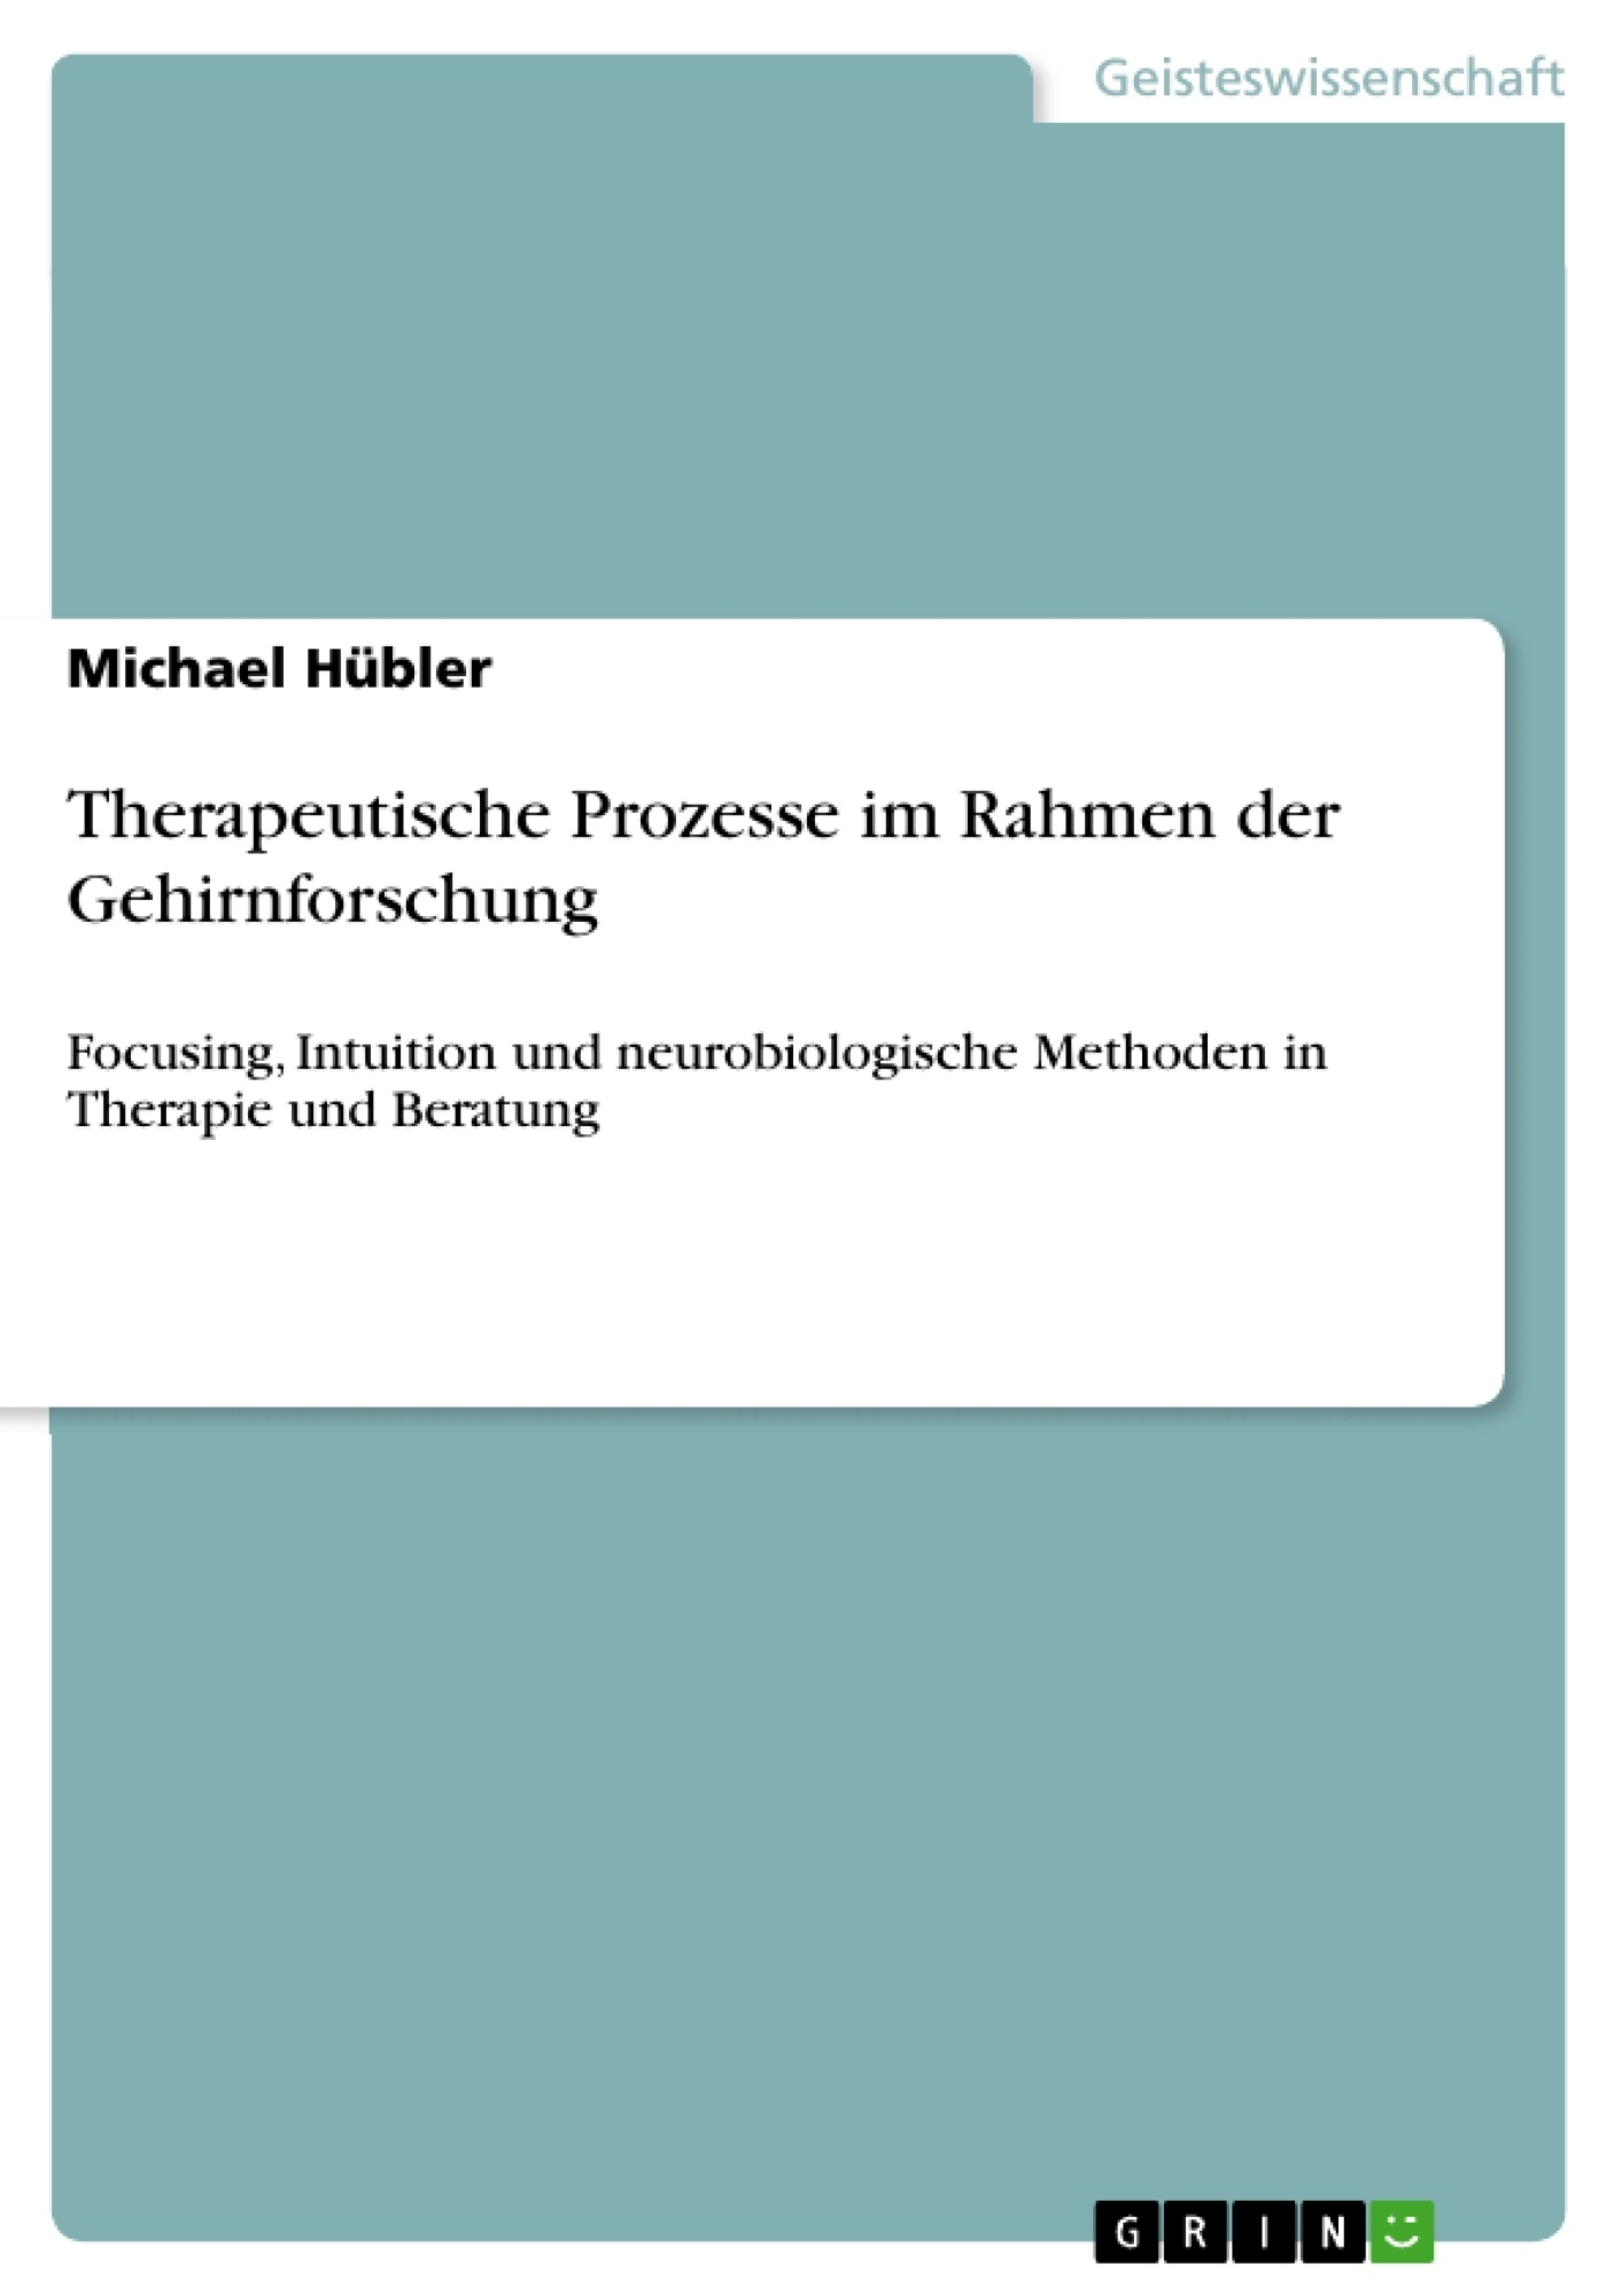 Titel: Therapeutische Prozesse im Rahmen der Gehirnforschung